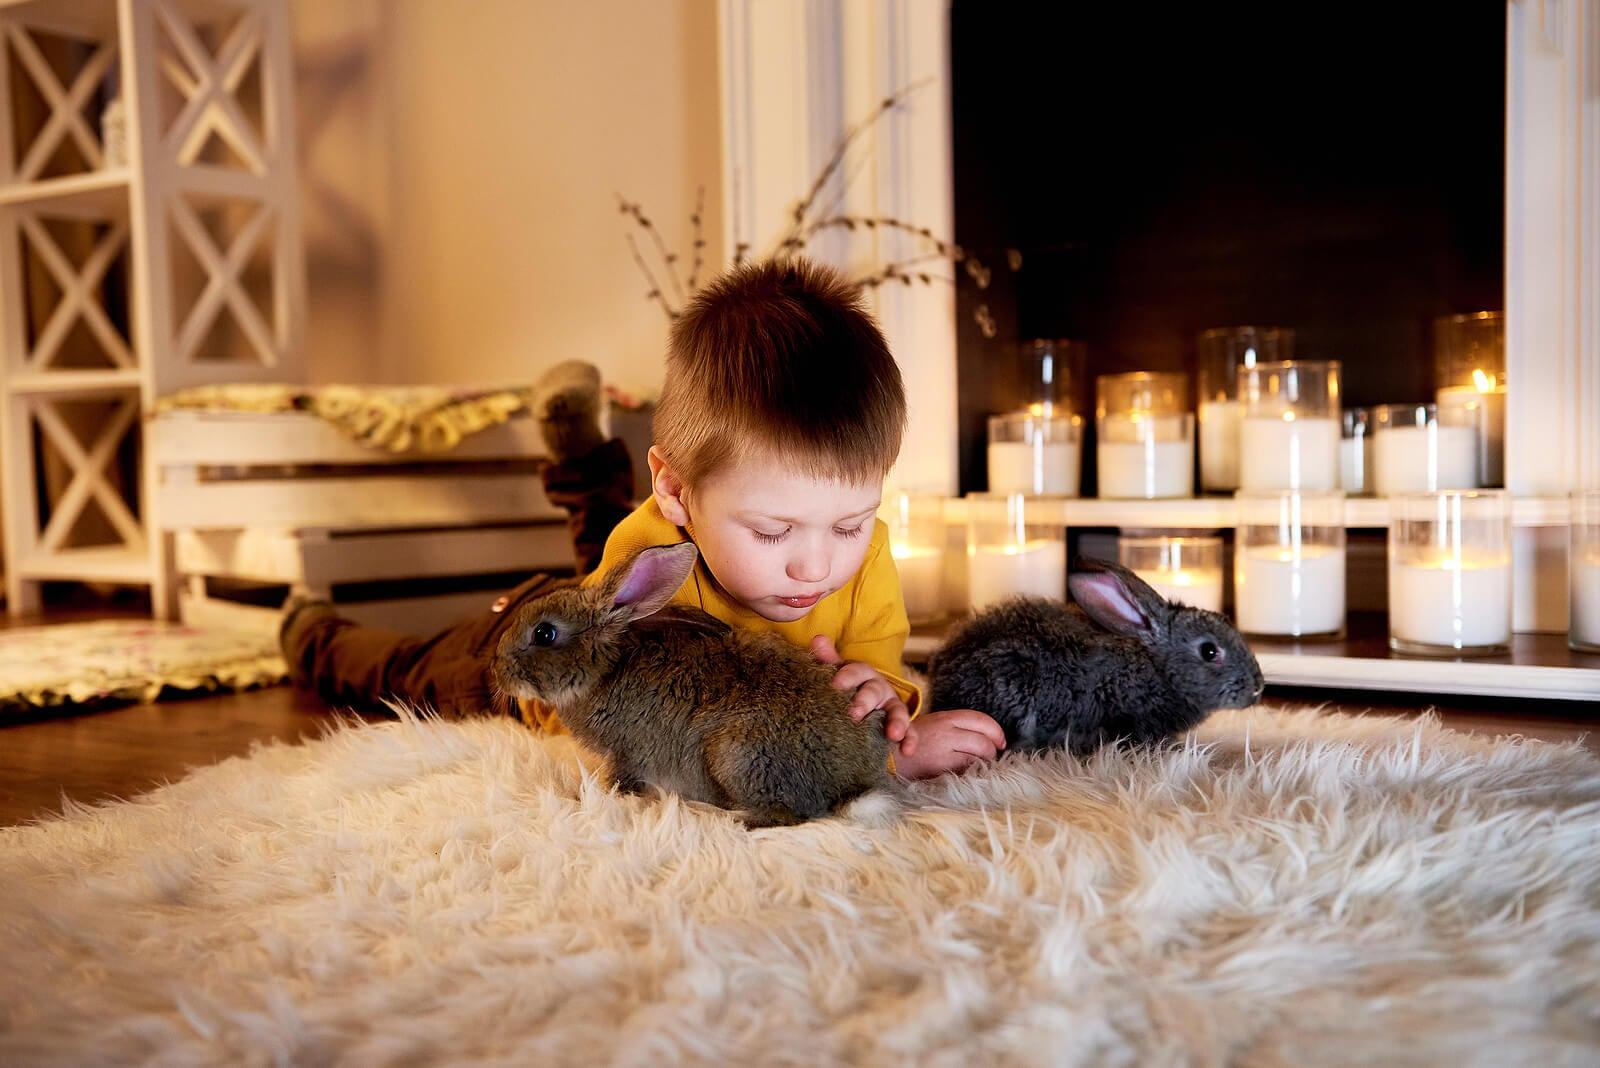 Niño jugando con sus mascotas los conejos.